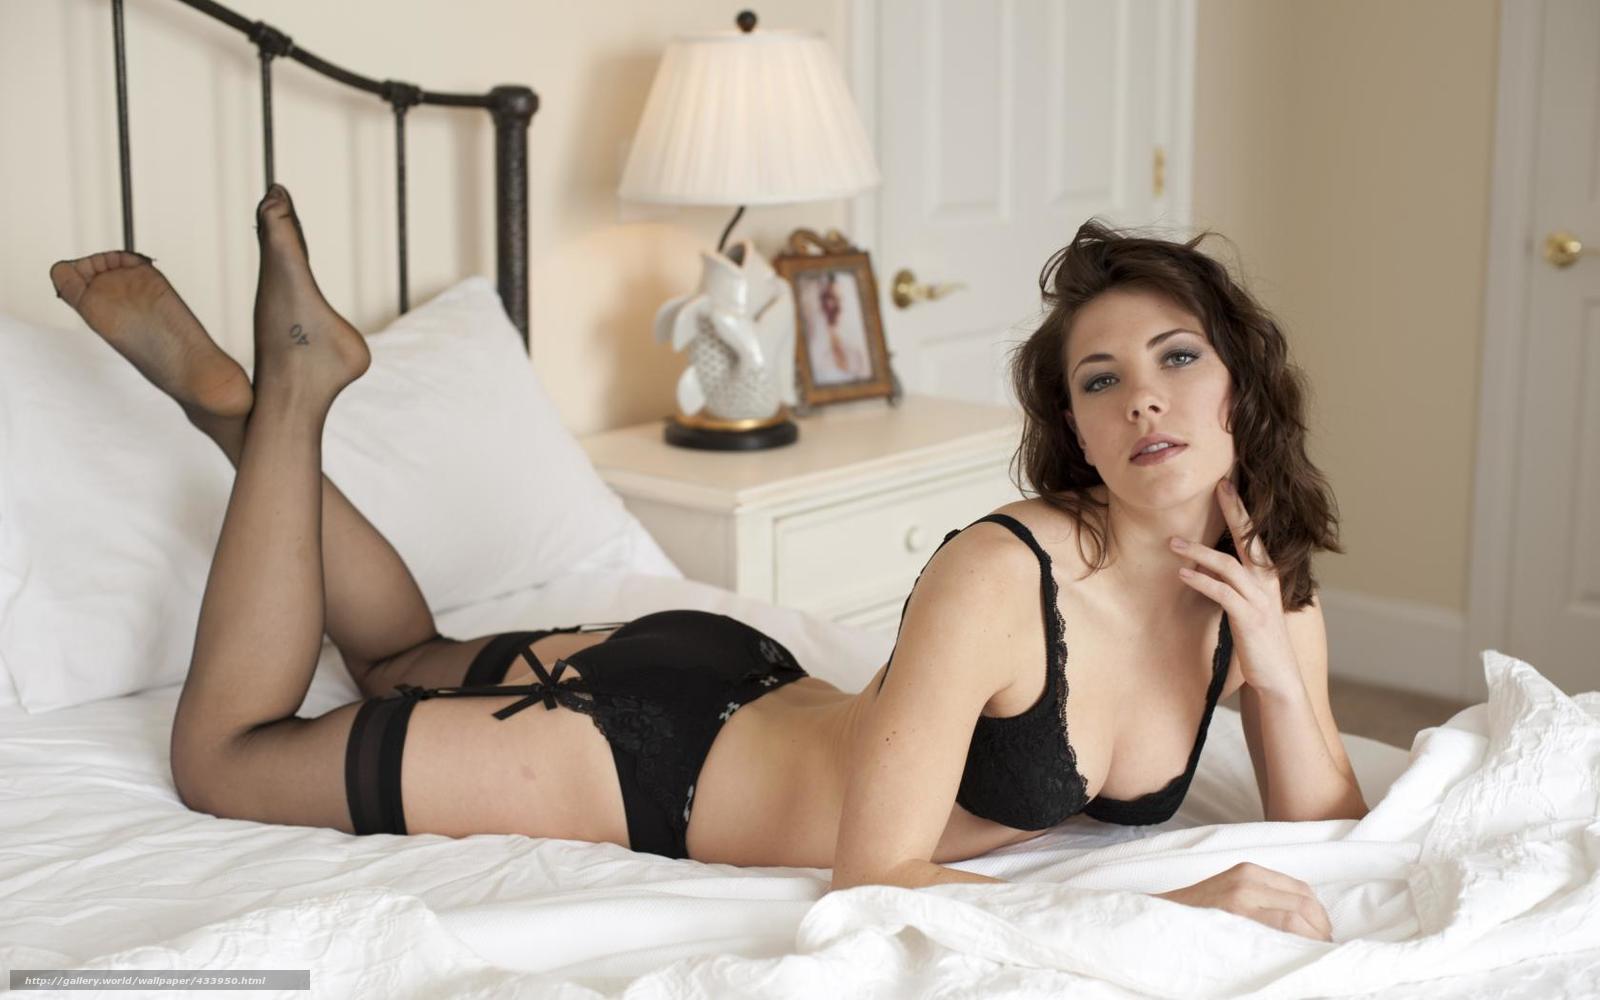 смотреть онлайн красивая девушка в чулках и эротическом белье раздевается